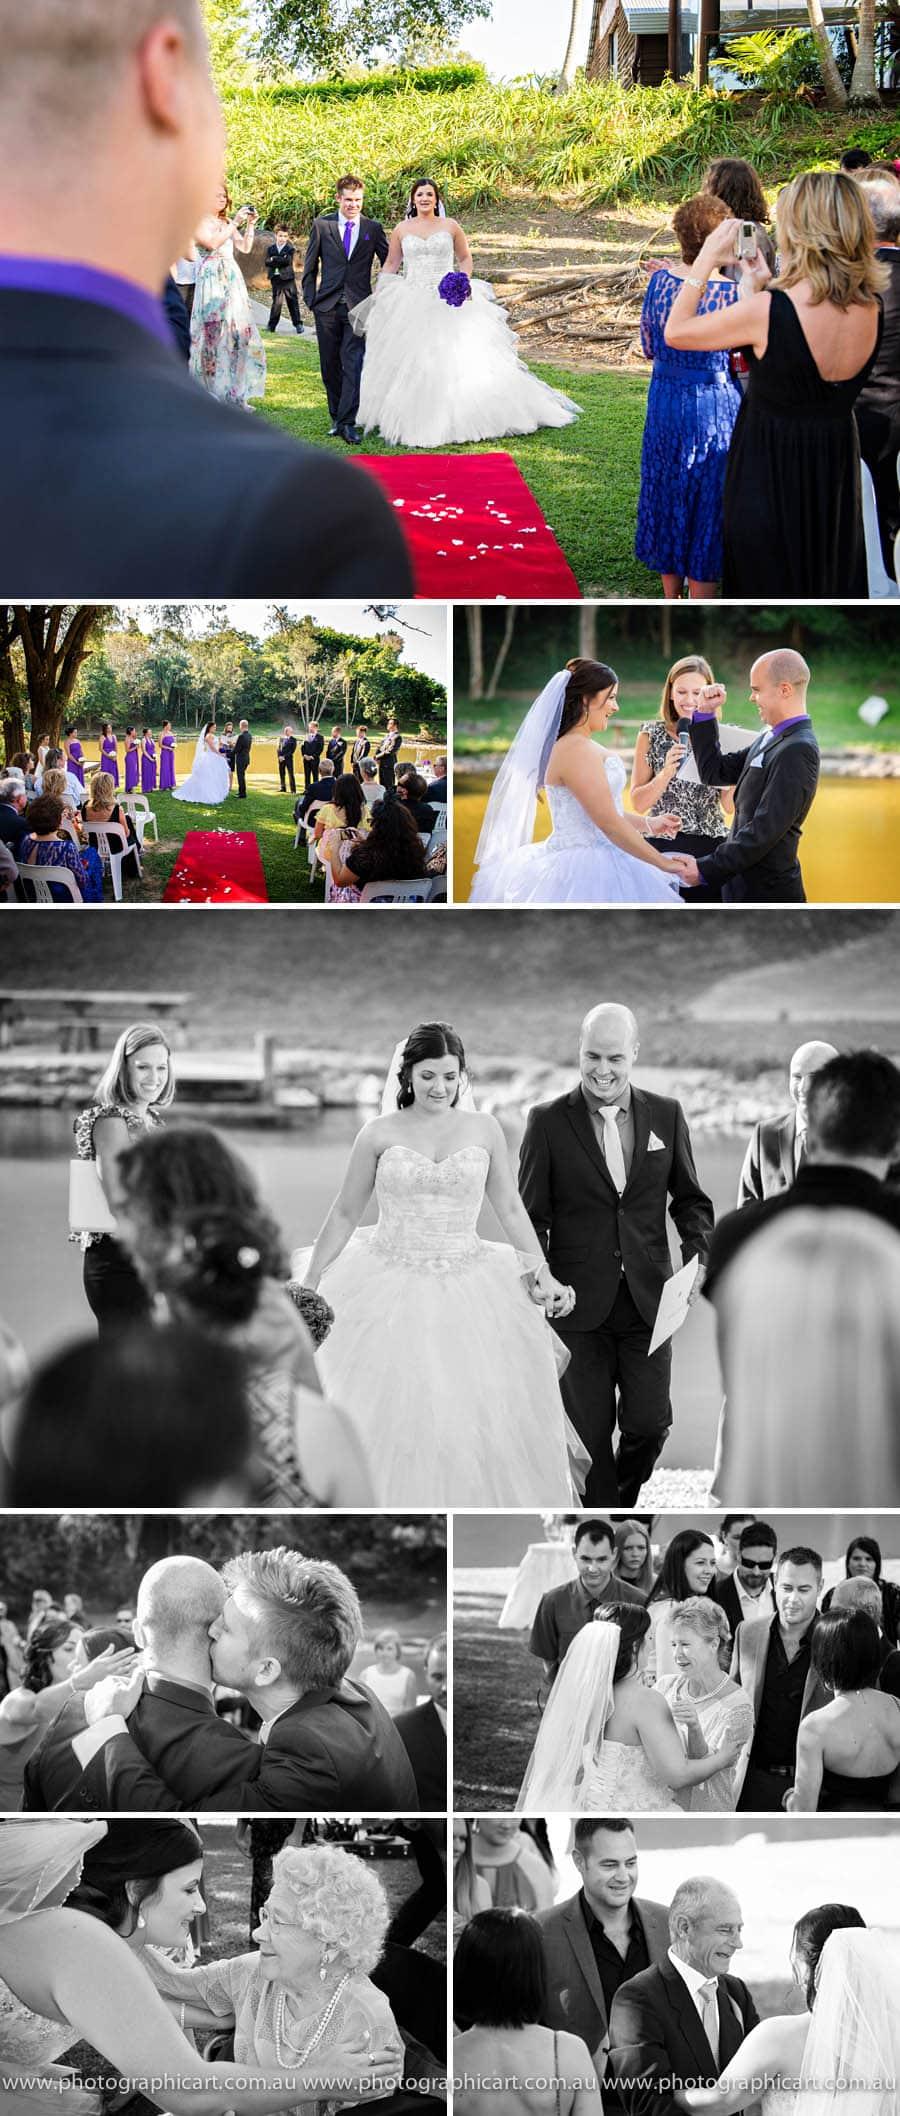 photographicart.com.au/newsite-catdave-0003